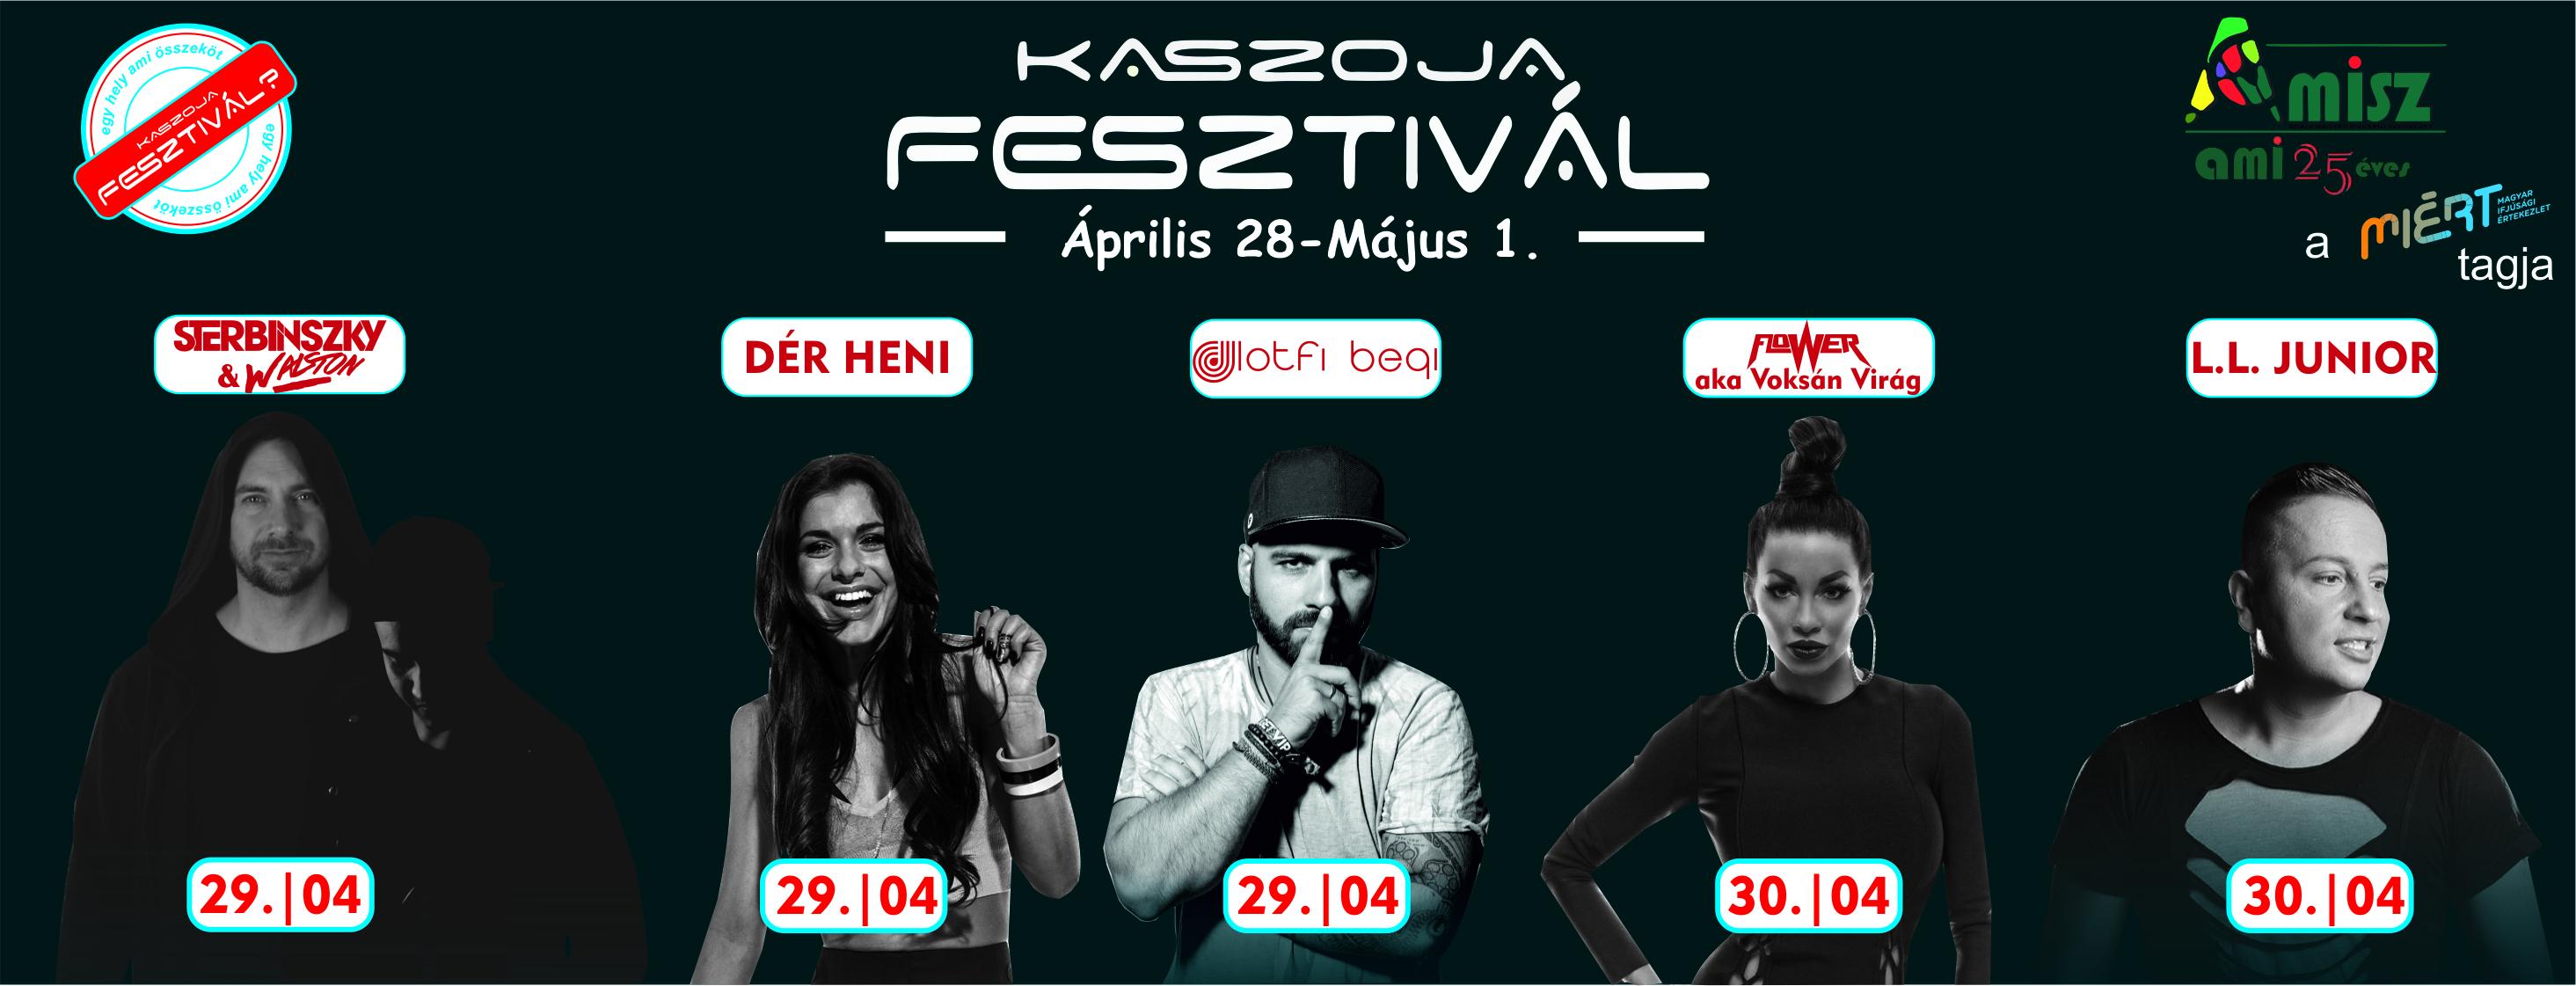 Kaszoja Fesztivál 2017